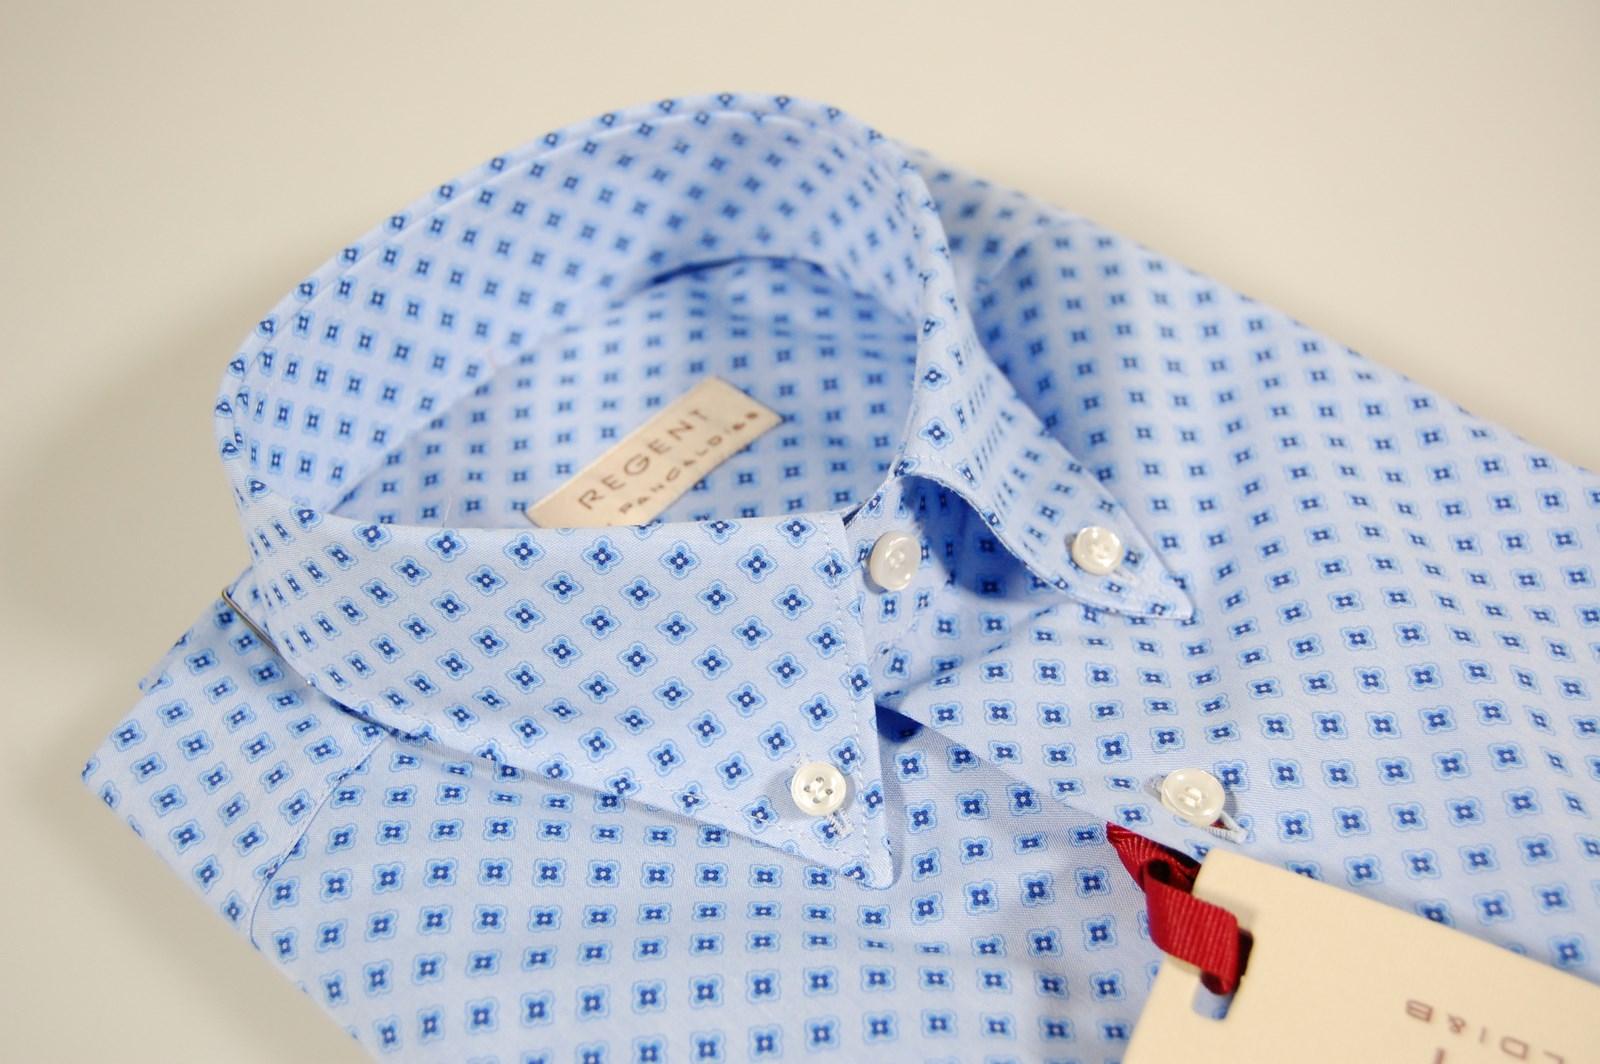 6cc35679be Camicia uomo azzurra a fantasia pancaldi collo button down saldi online